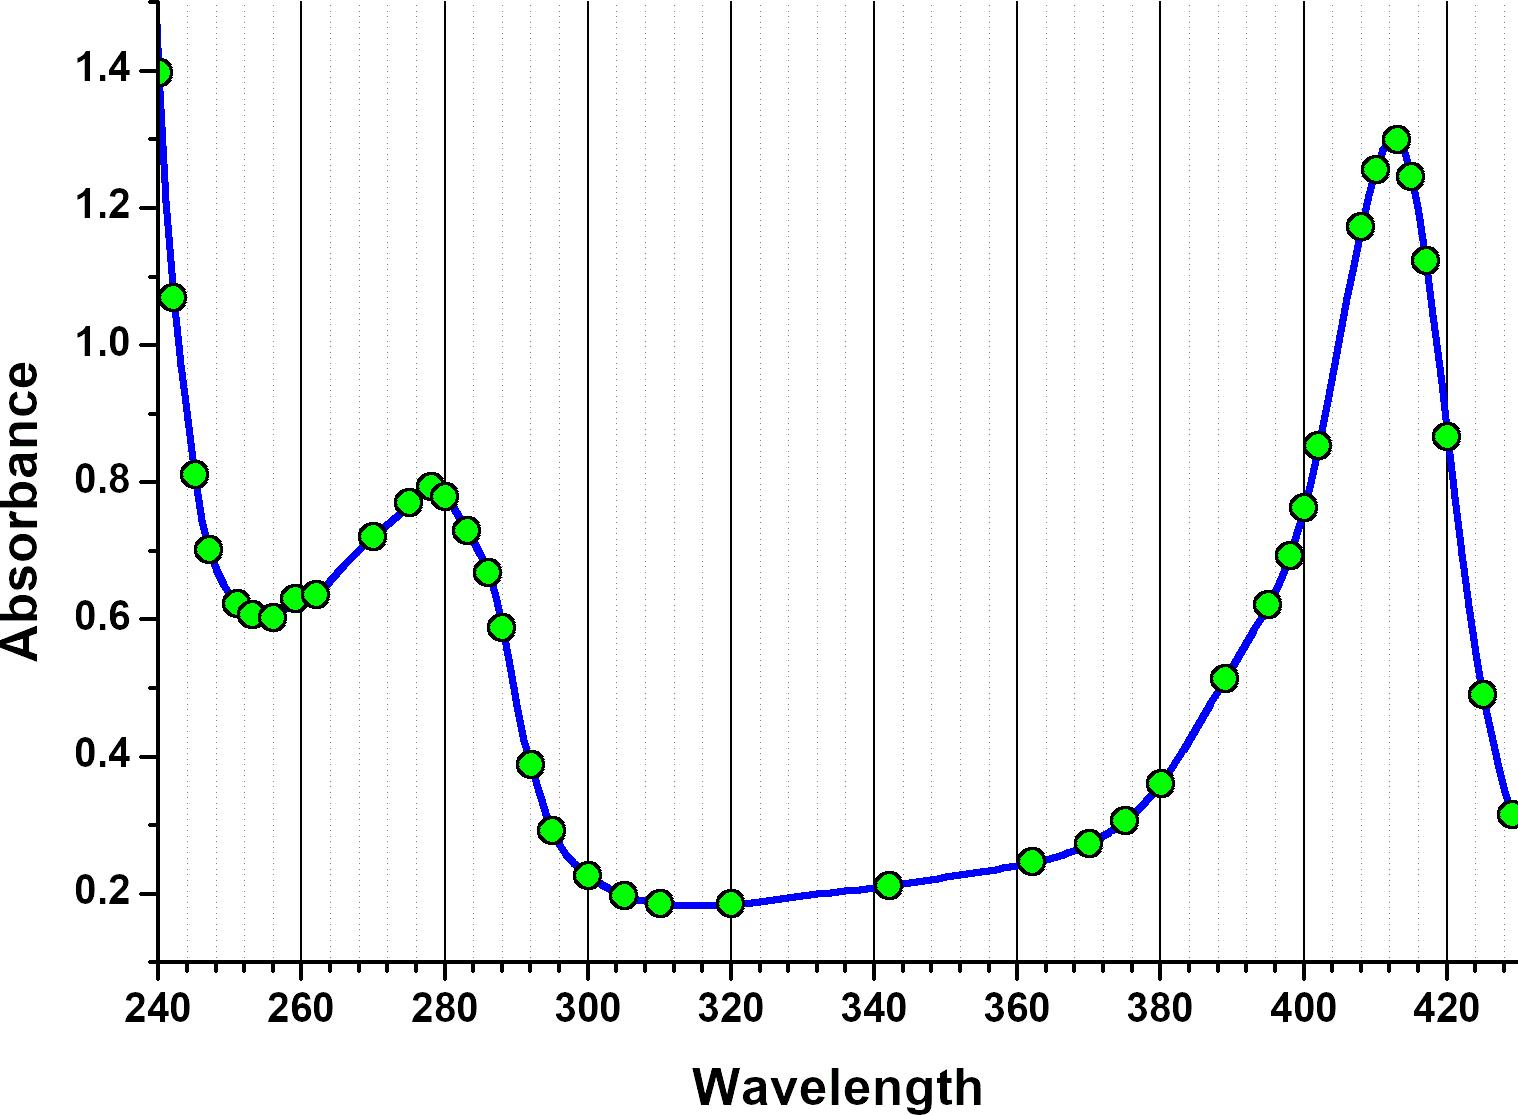 Figura2. Gráfico de longitudes de onda medidas (círculos verdes). Se eligieron longitudes de onda que enfatizen las regiones del espectro en las que la absorbancia tiene el mayor grado de cambio.